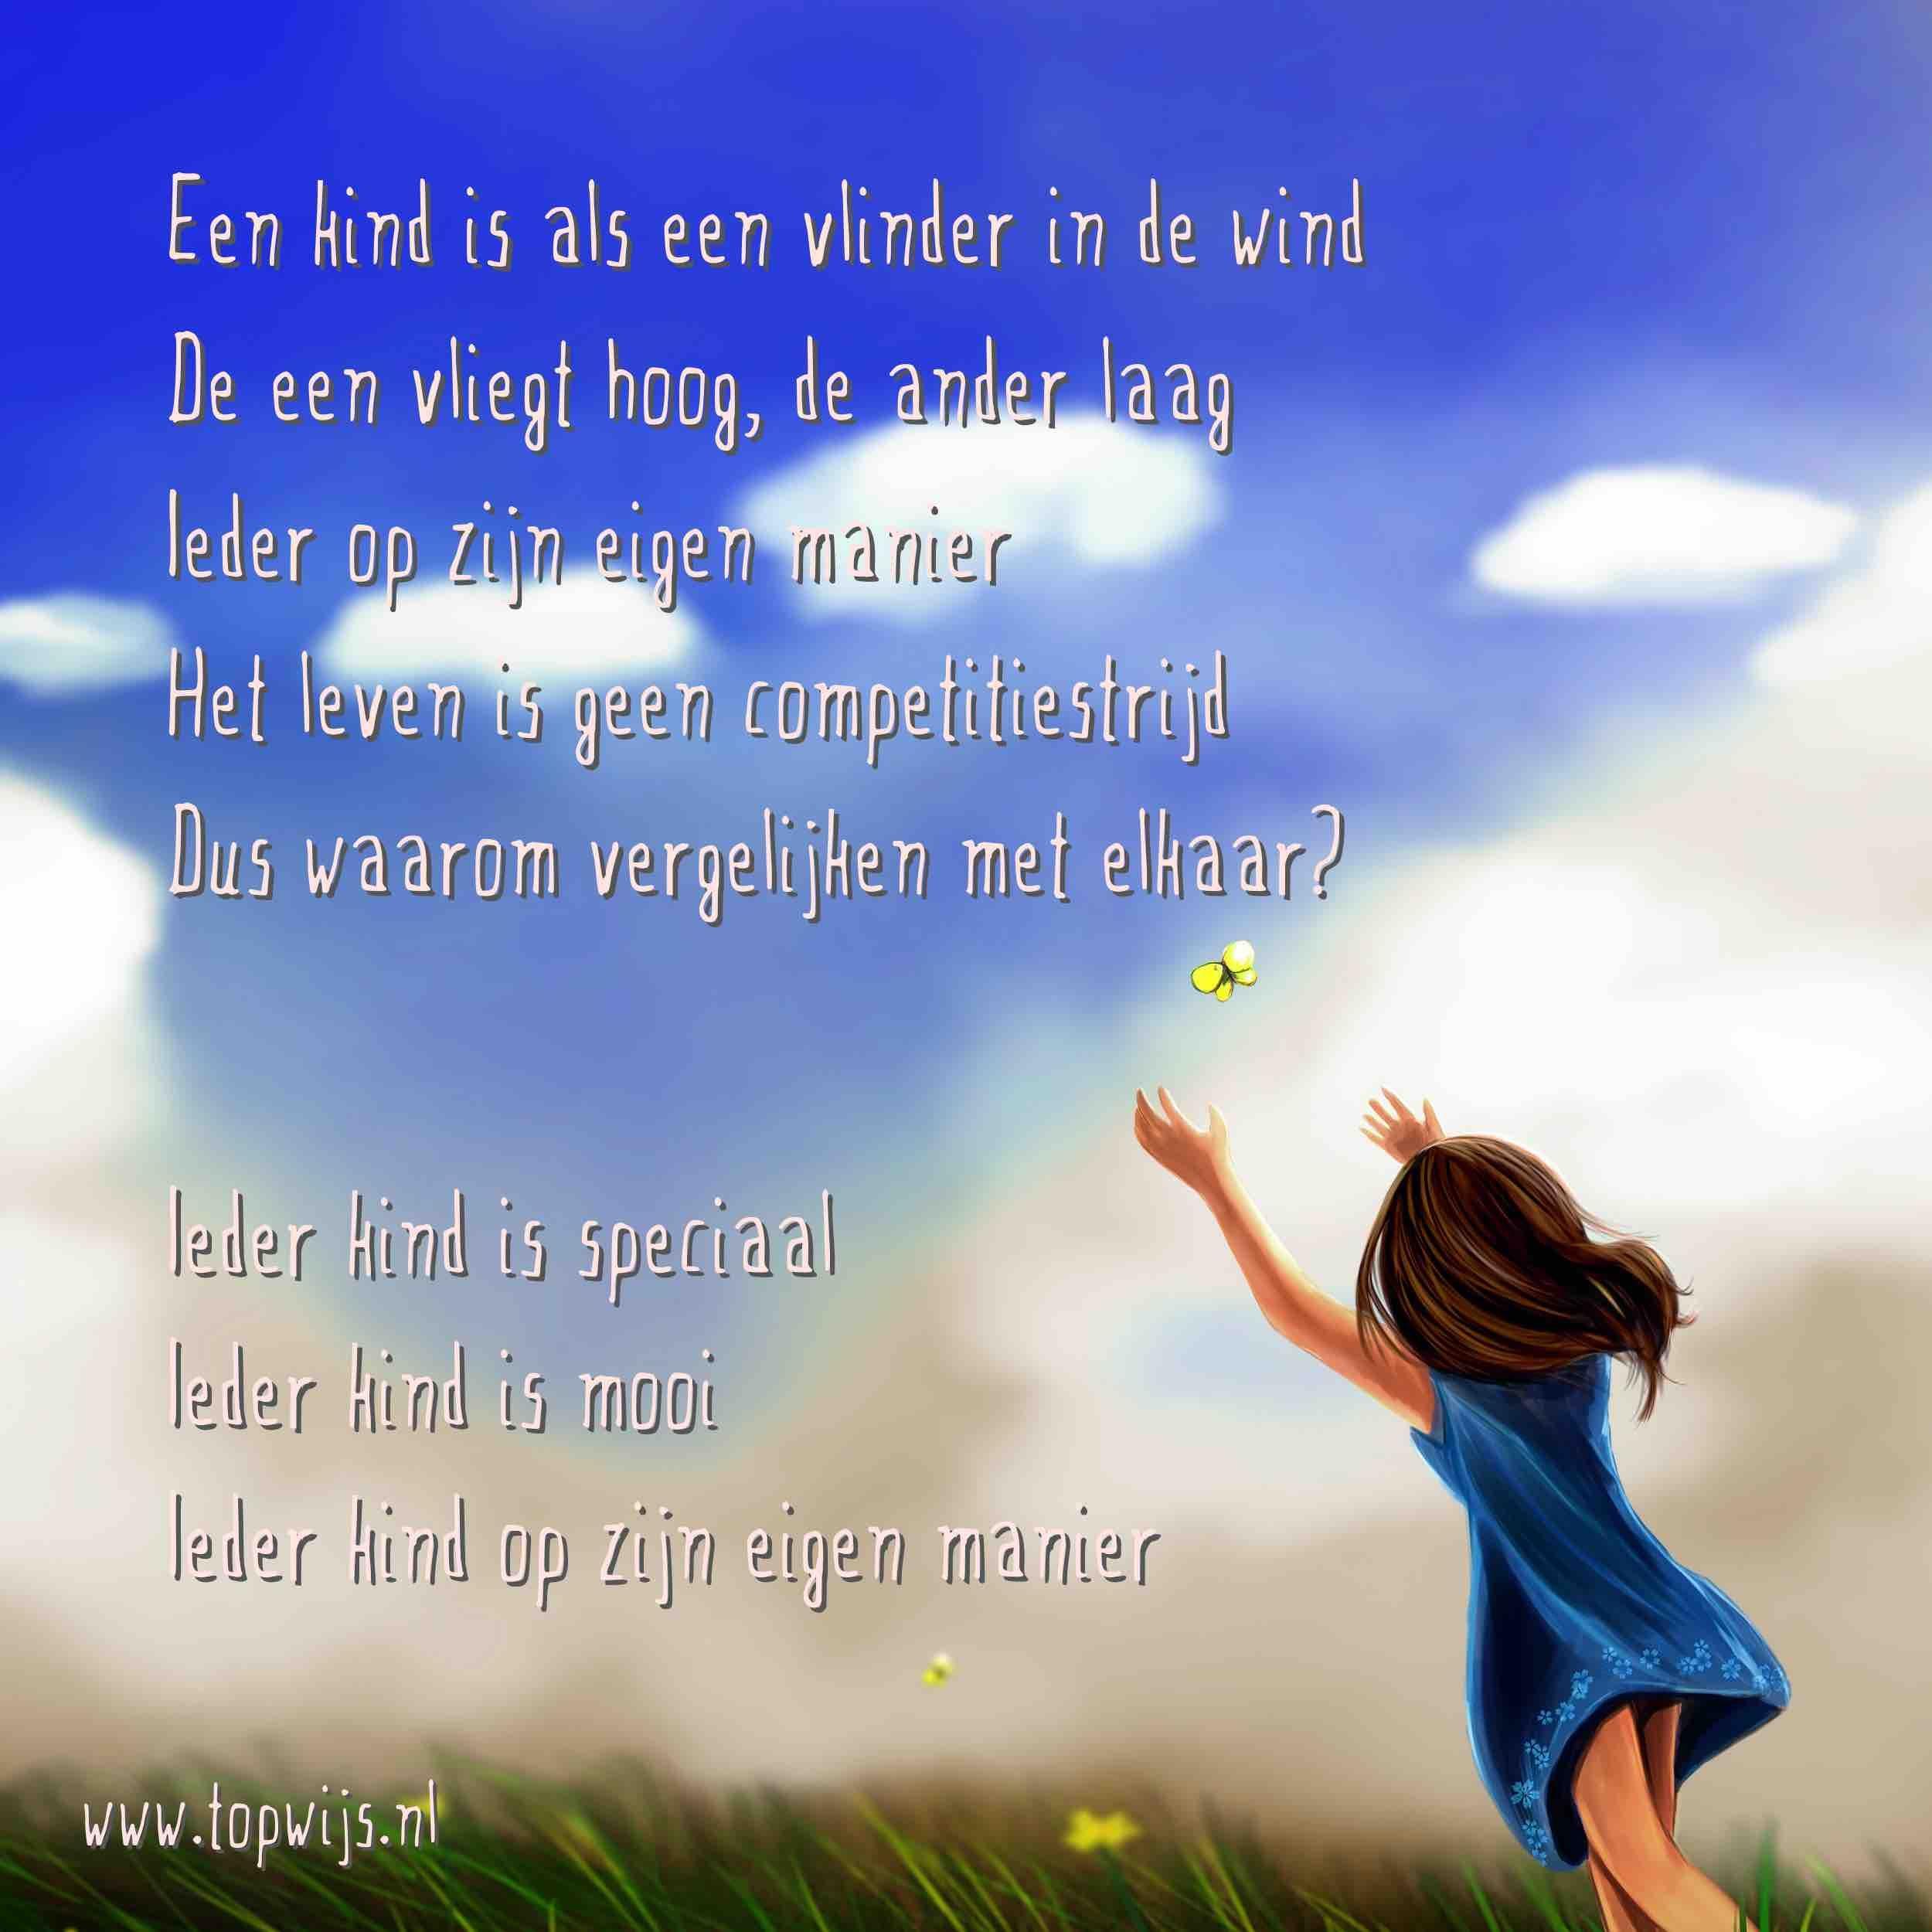 Citaten Coaching : Een kind is als vlinder in de wind onderwijs